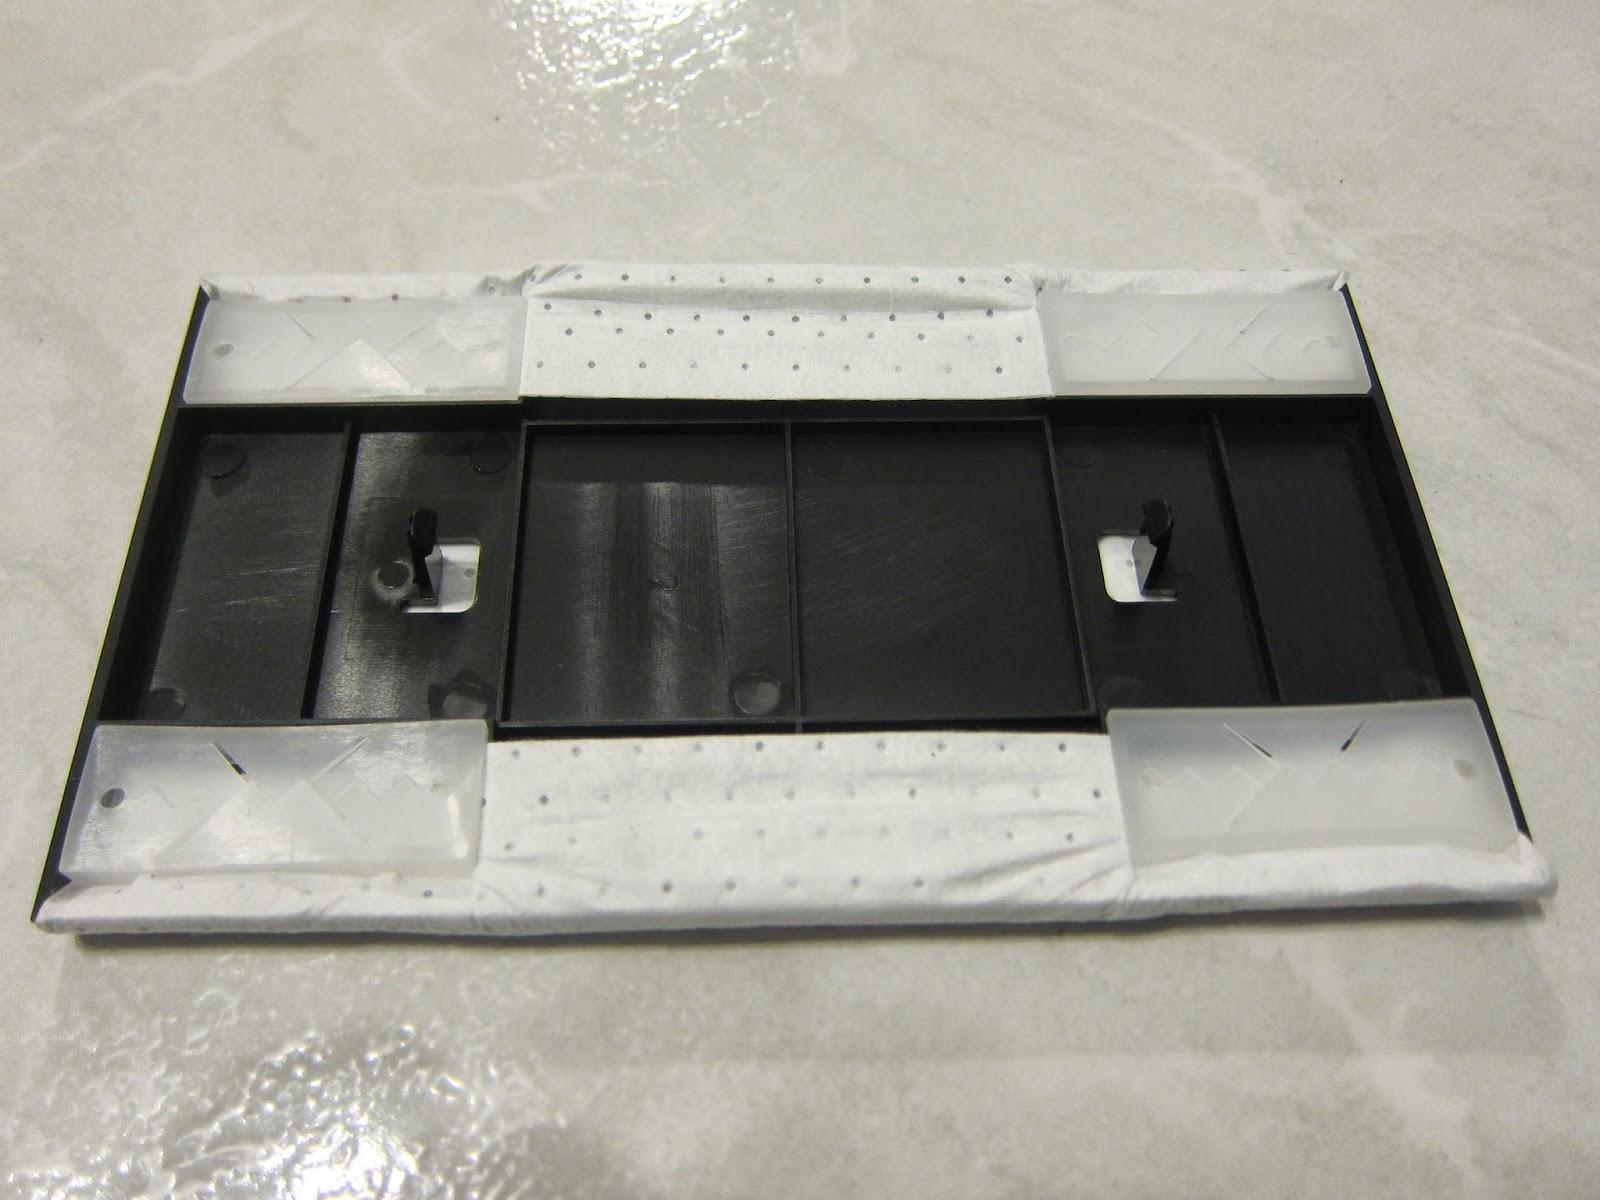 IMG 2255 - [開箱] V-BOT M270 迷你智慧型掃地機器人